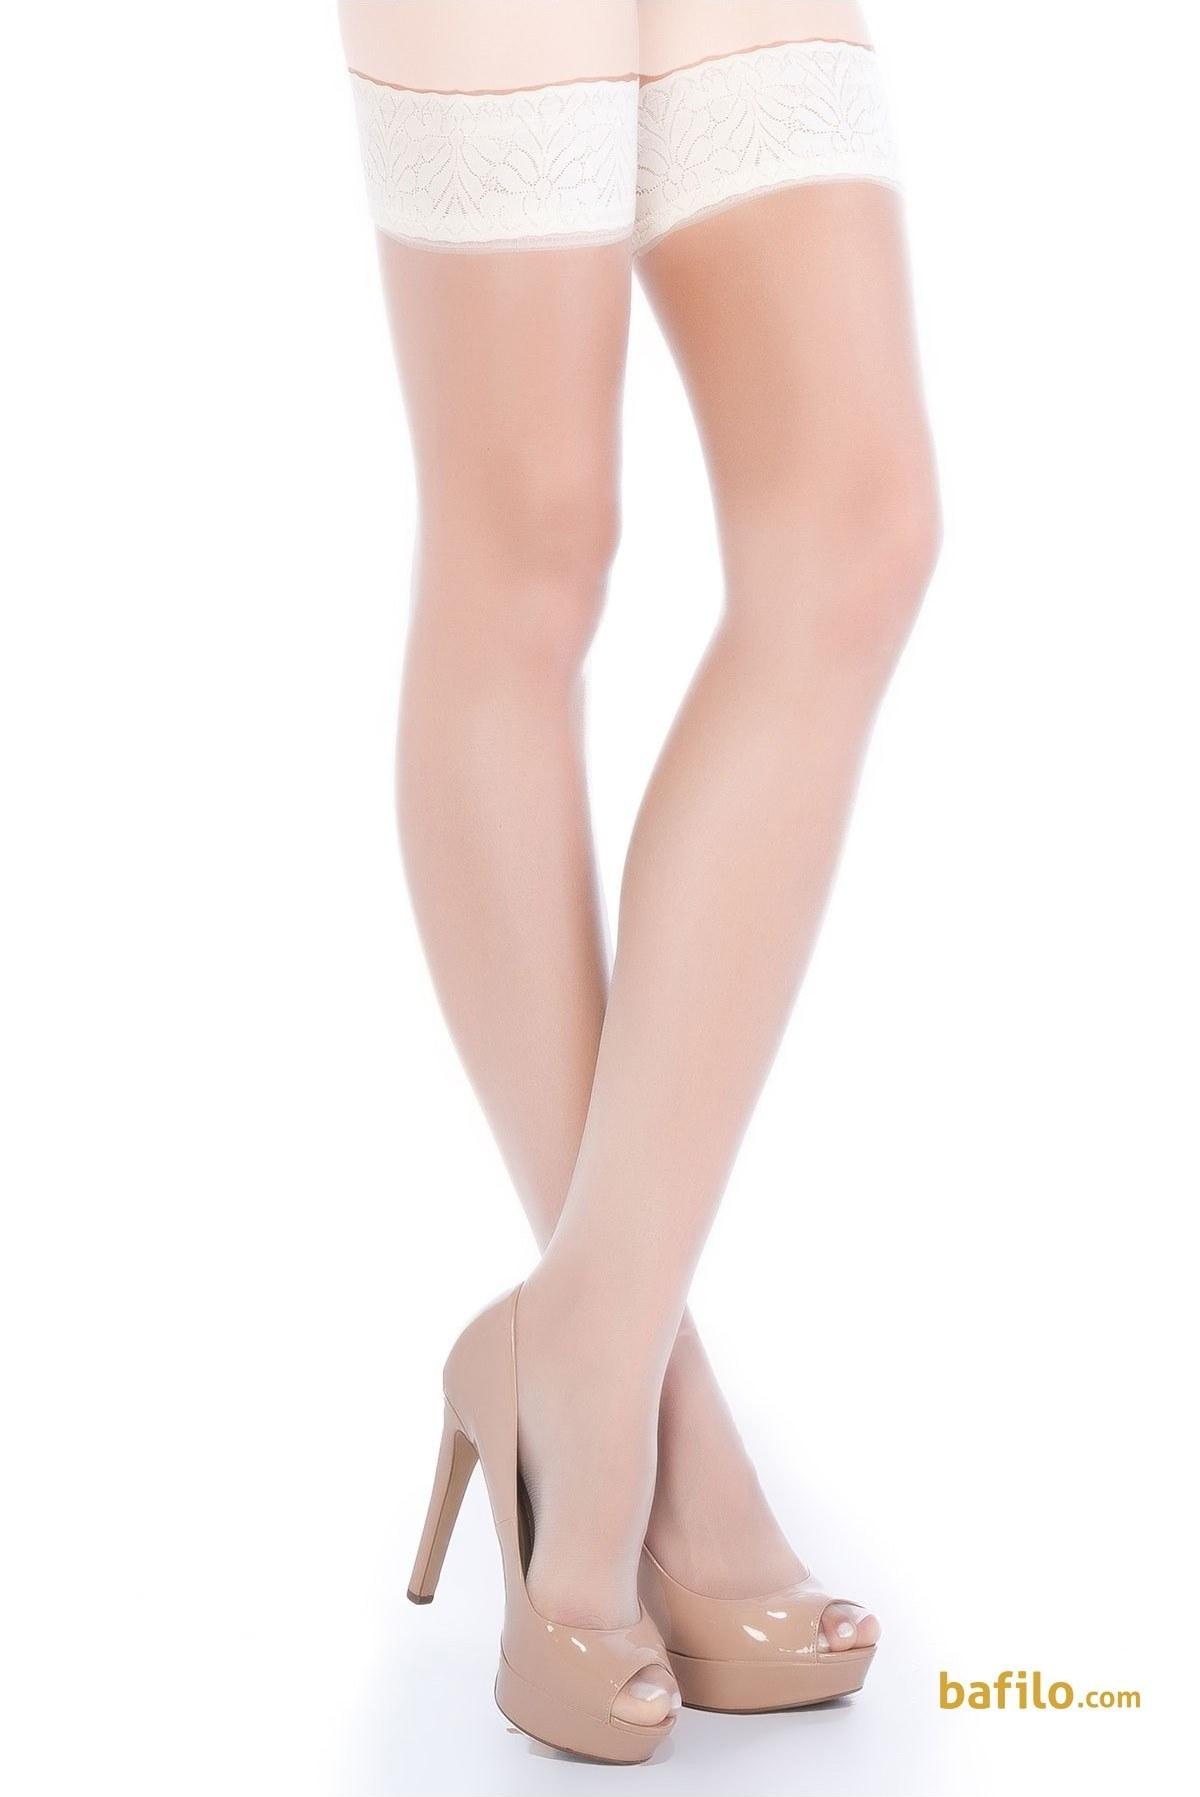 جوراب جارتیر بالای زانوی زنانه پنتی Fantezi سفید  